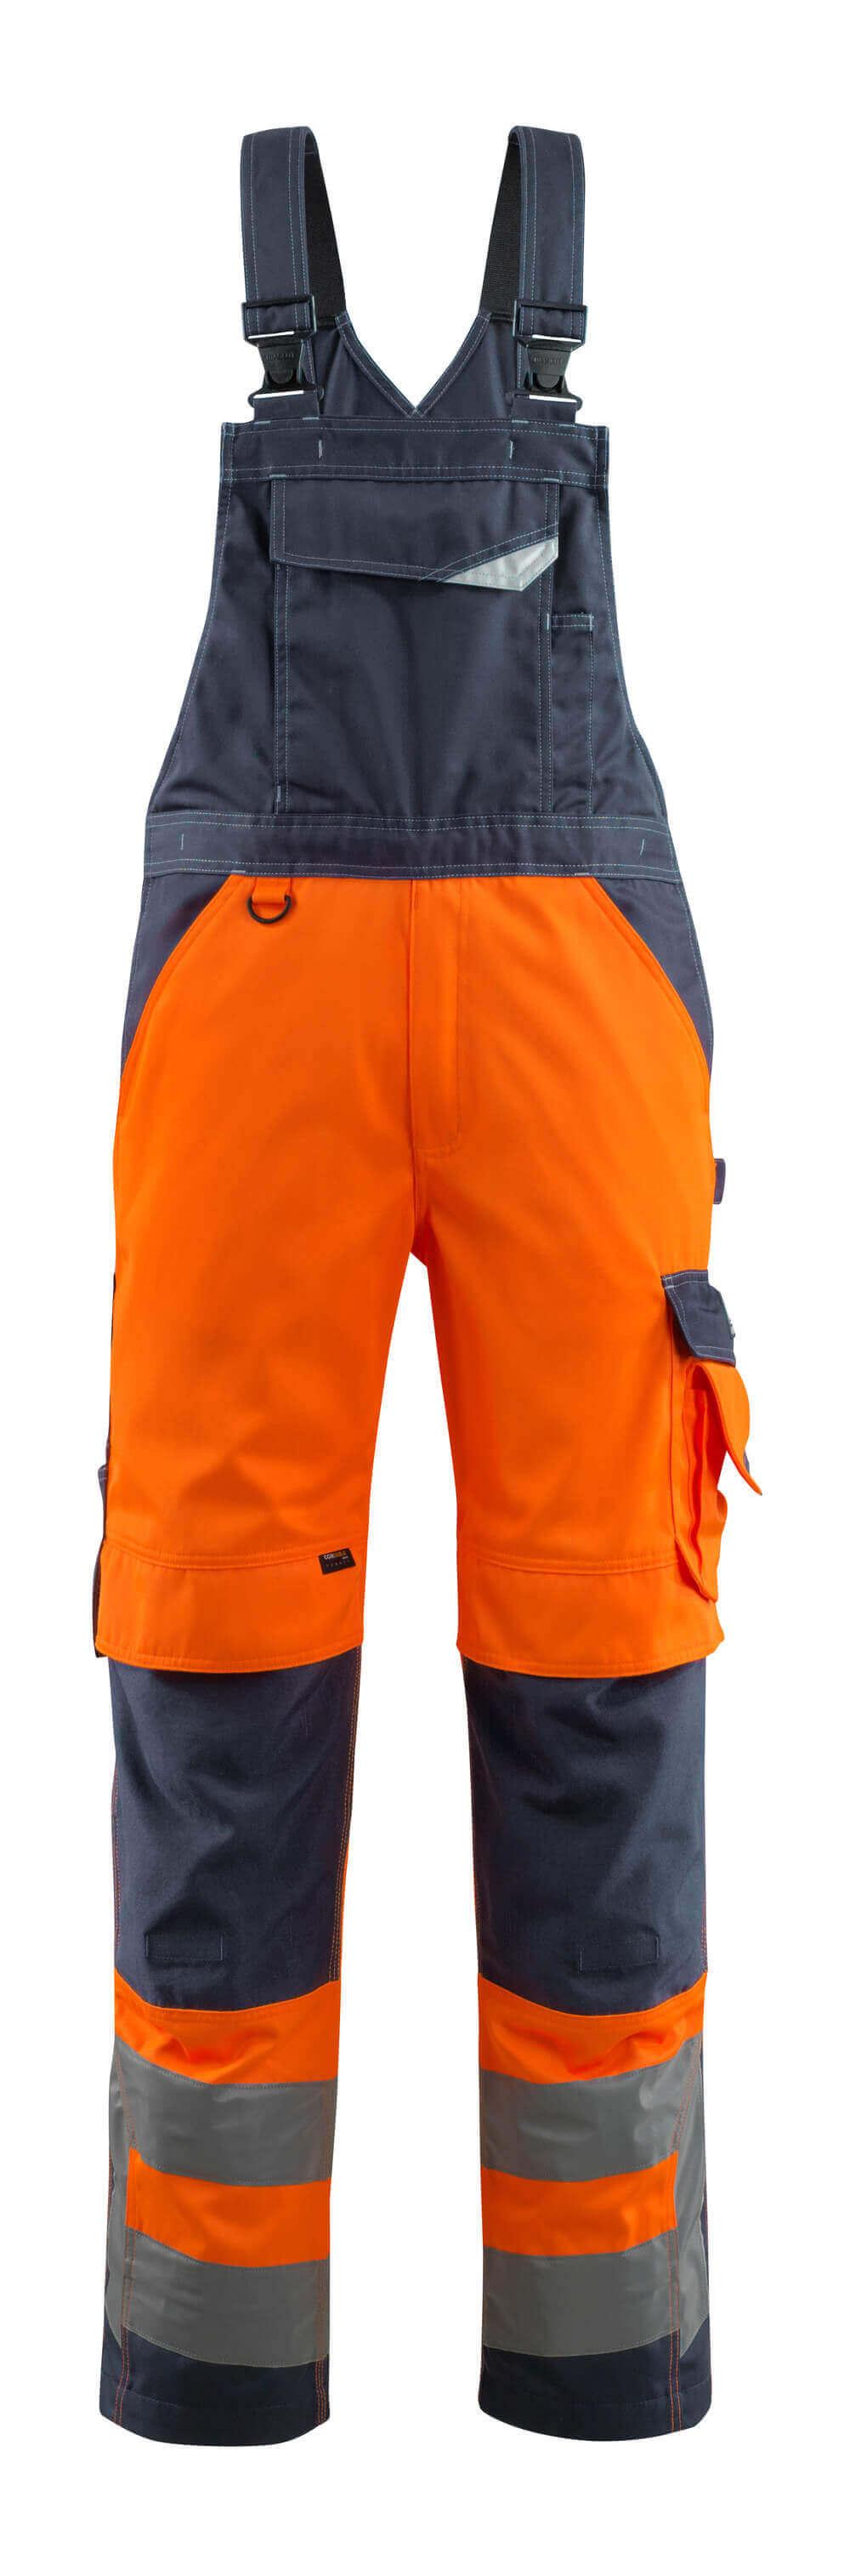 15569-860-14010 Hängselbyxor med knäfickor - hi-vis orange/mörk marin